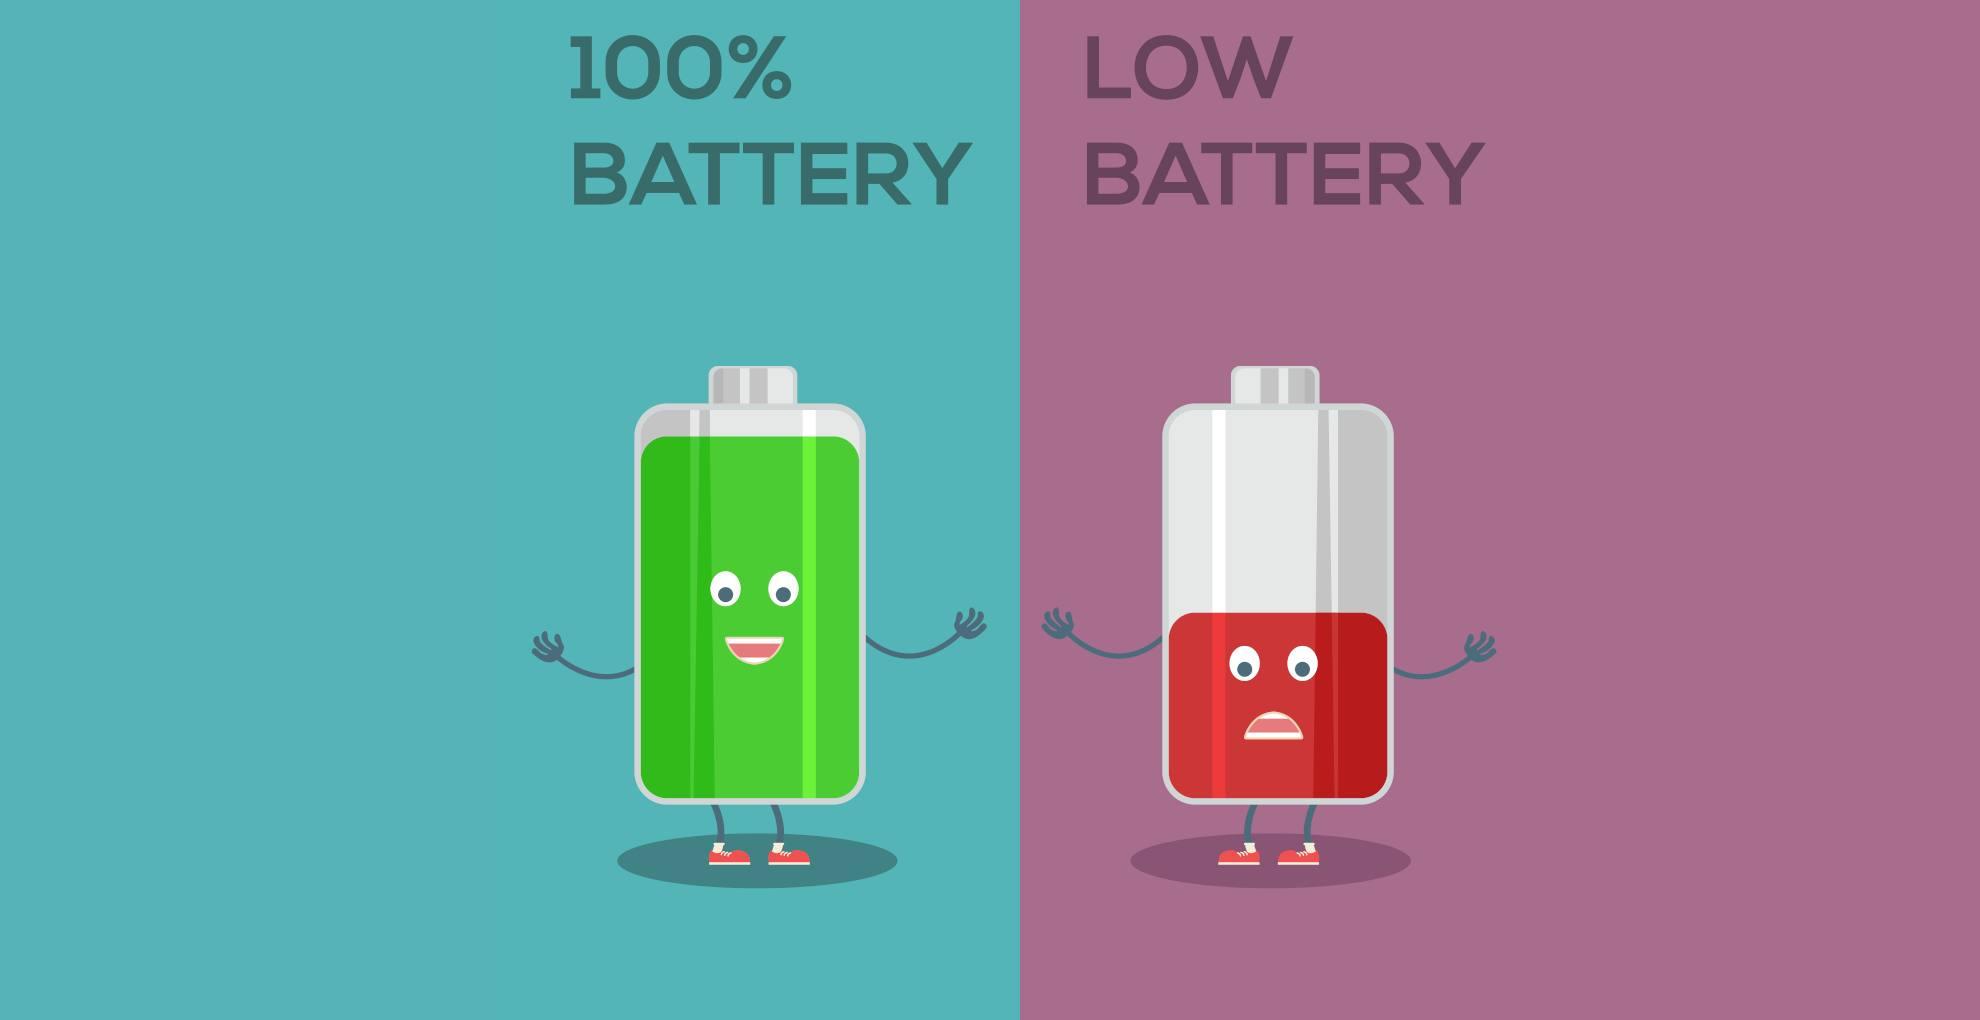 Representa dos pilas de audífono una agotada en color rojo y la otra con toda la energía en color verde